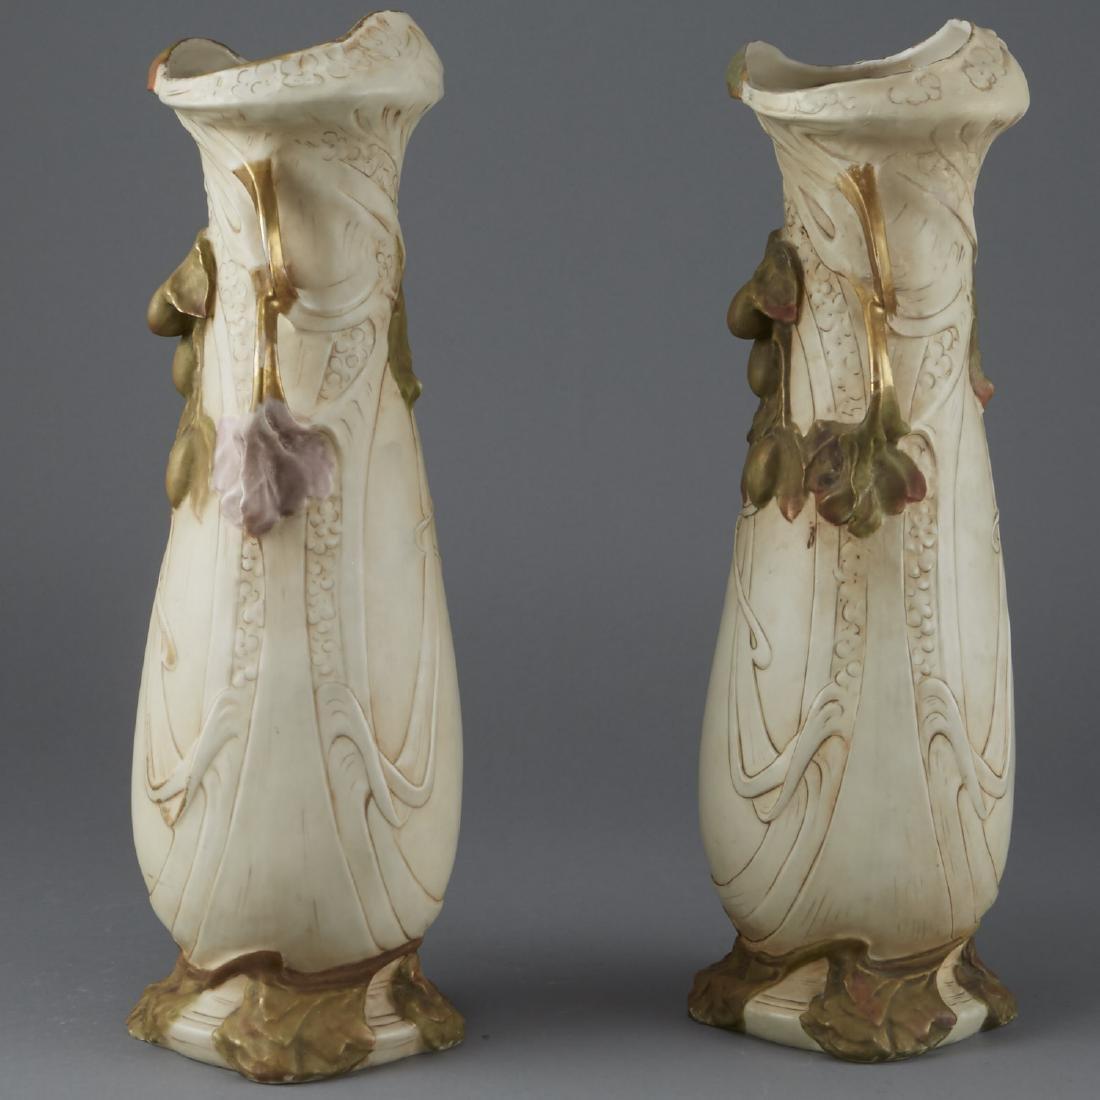 2 Amphora Vases - 2